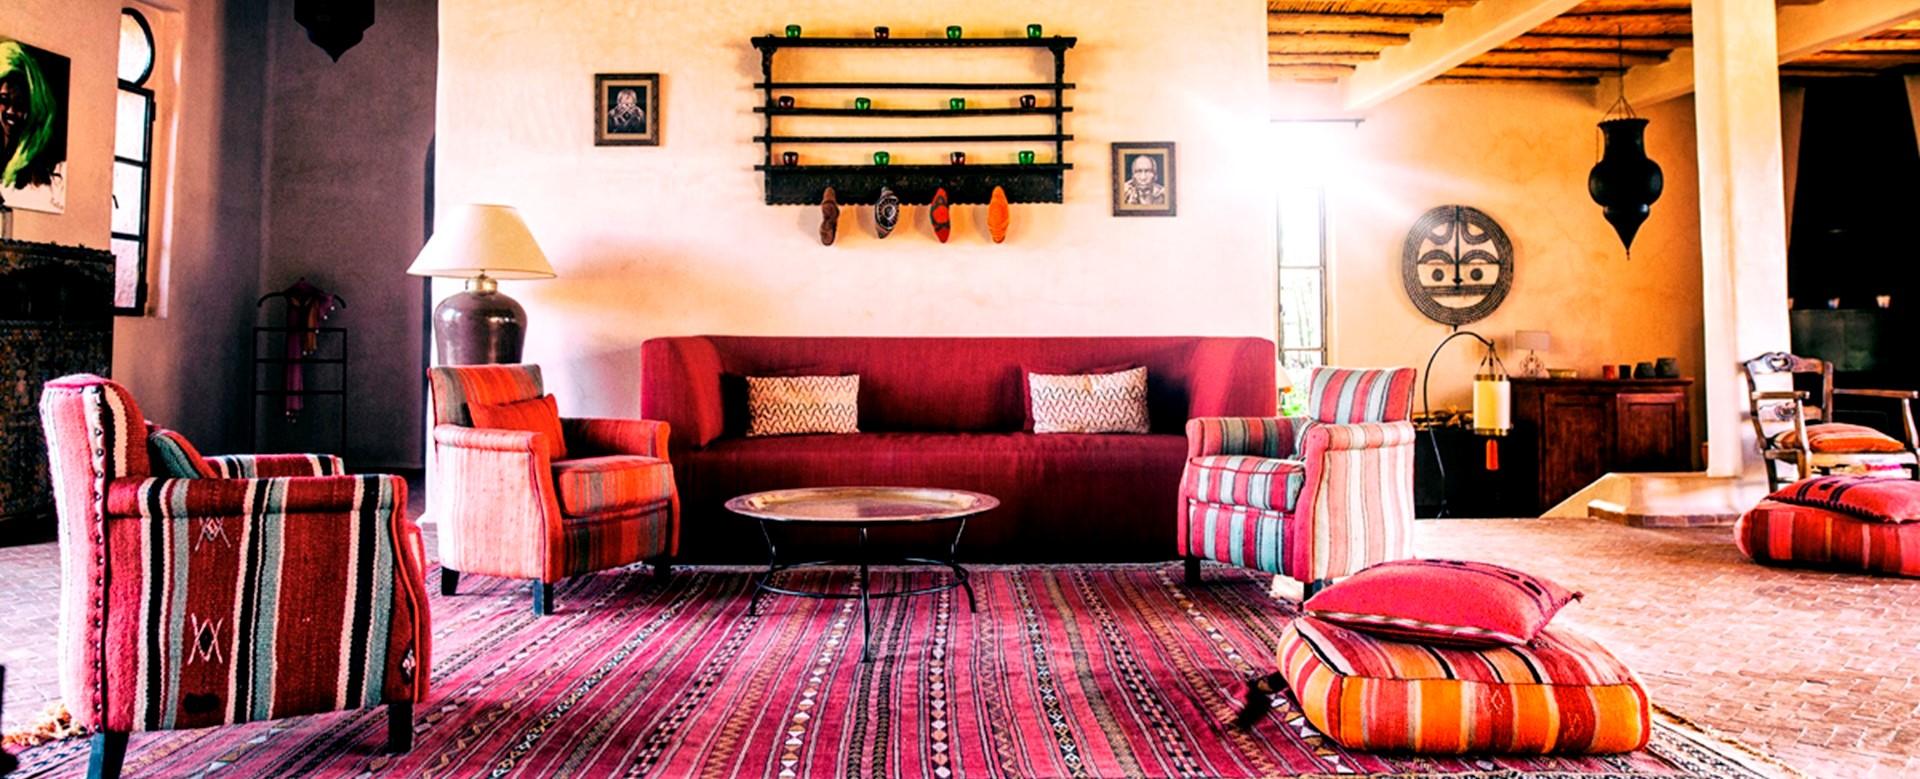 villa-basmah-essaouira-living-room